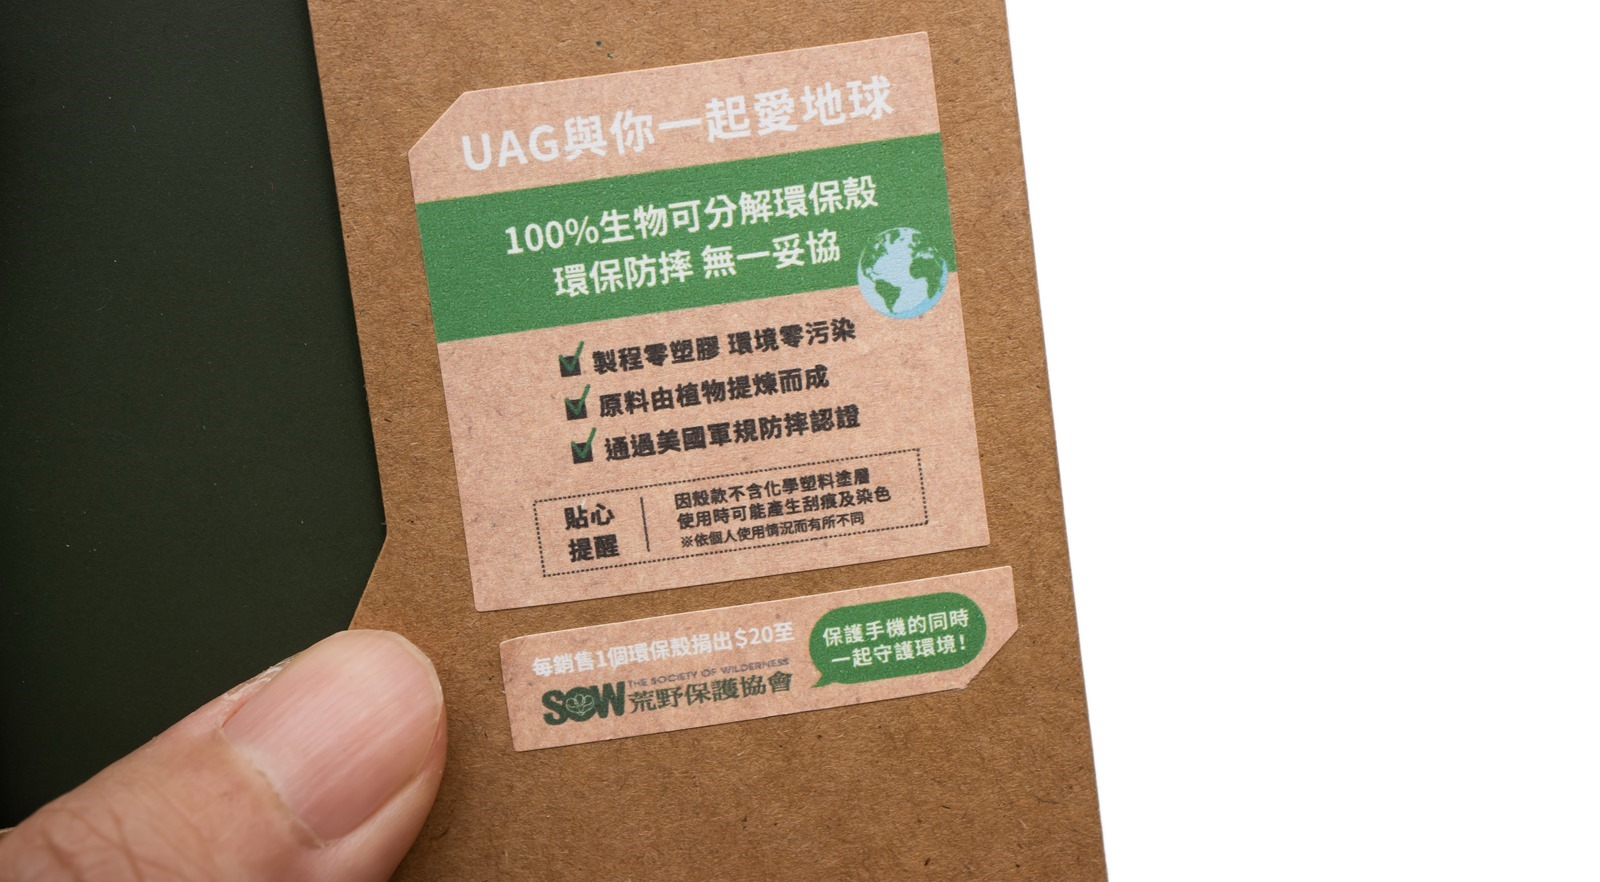 防摔好看又環保!UAG OUTBACK 耐衝擊環保輕量保護殼 iPhone 11 Pro 款入手分享 @3C 達人廖阿輝